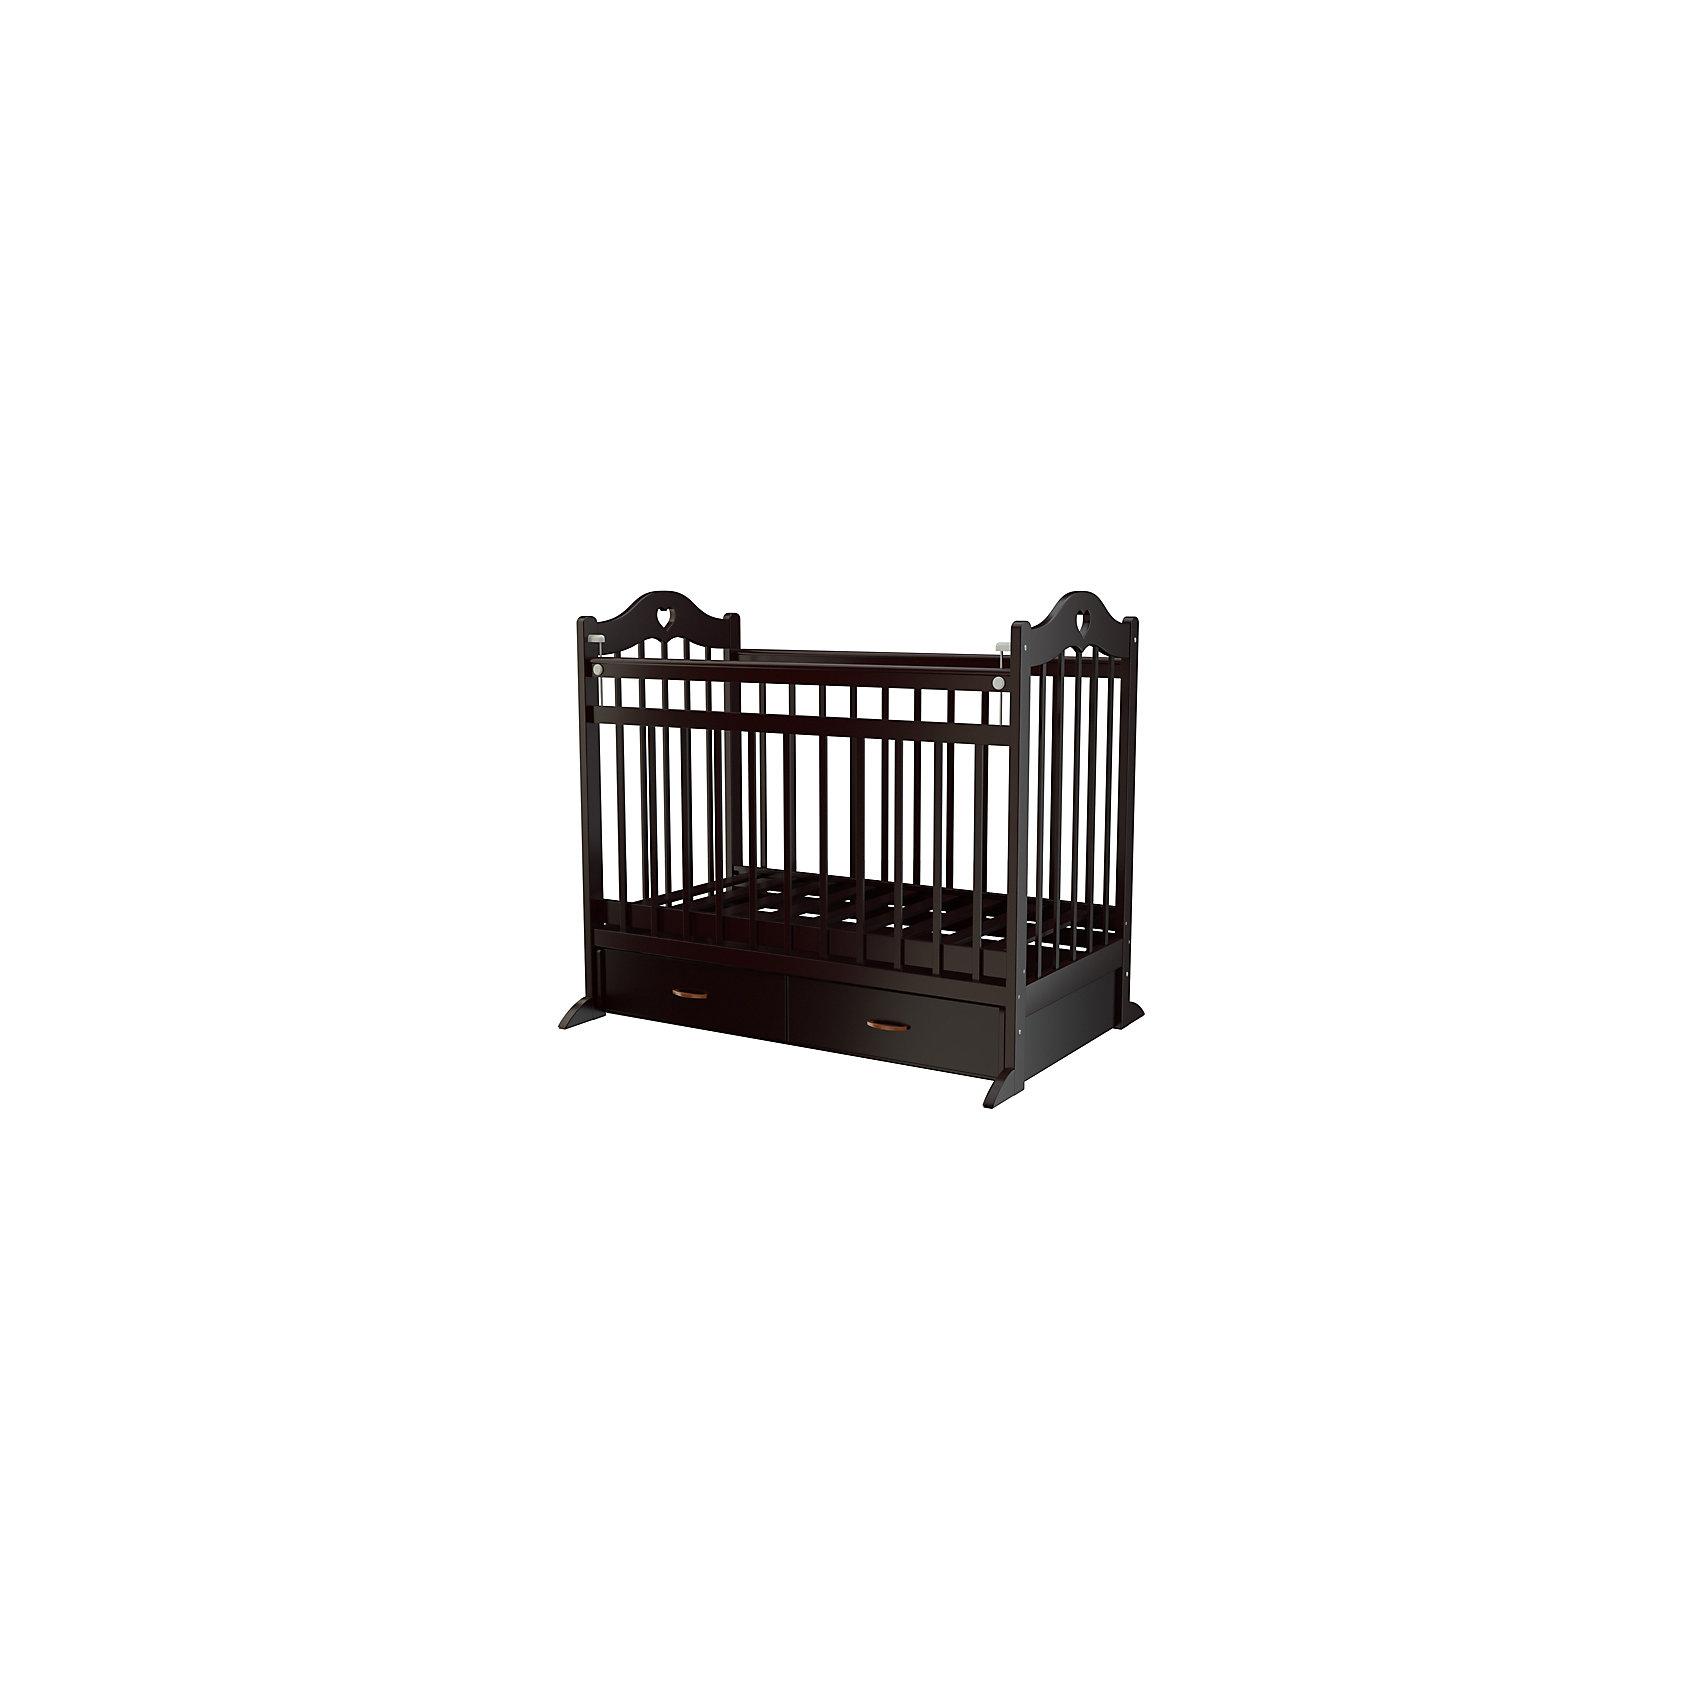 Кроватка 12, Briciola, темныйКроватки<br>Детская кроватка Briciola-12 является новинкой этого года. Итальянский бренд создал красивую и функциональную конструкцию, которая позволяет подарить ребенку комфорт и безопасность и при этом достойно украсить интерьер детской комнаты.<br><br>Ширина мм: 1240<br>Глубина мм: 800<br>Высота мм: 170<br>Вес г: 35000<br>Возраст от месяцев: 0<br>Возраст до месяцев: 36<br>Пол: Унисекс<br>Возраст: Детский<br>SKU: 6856009